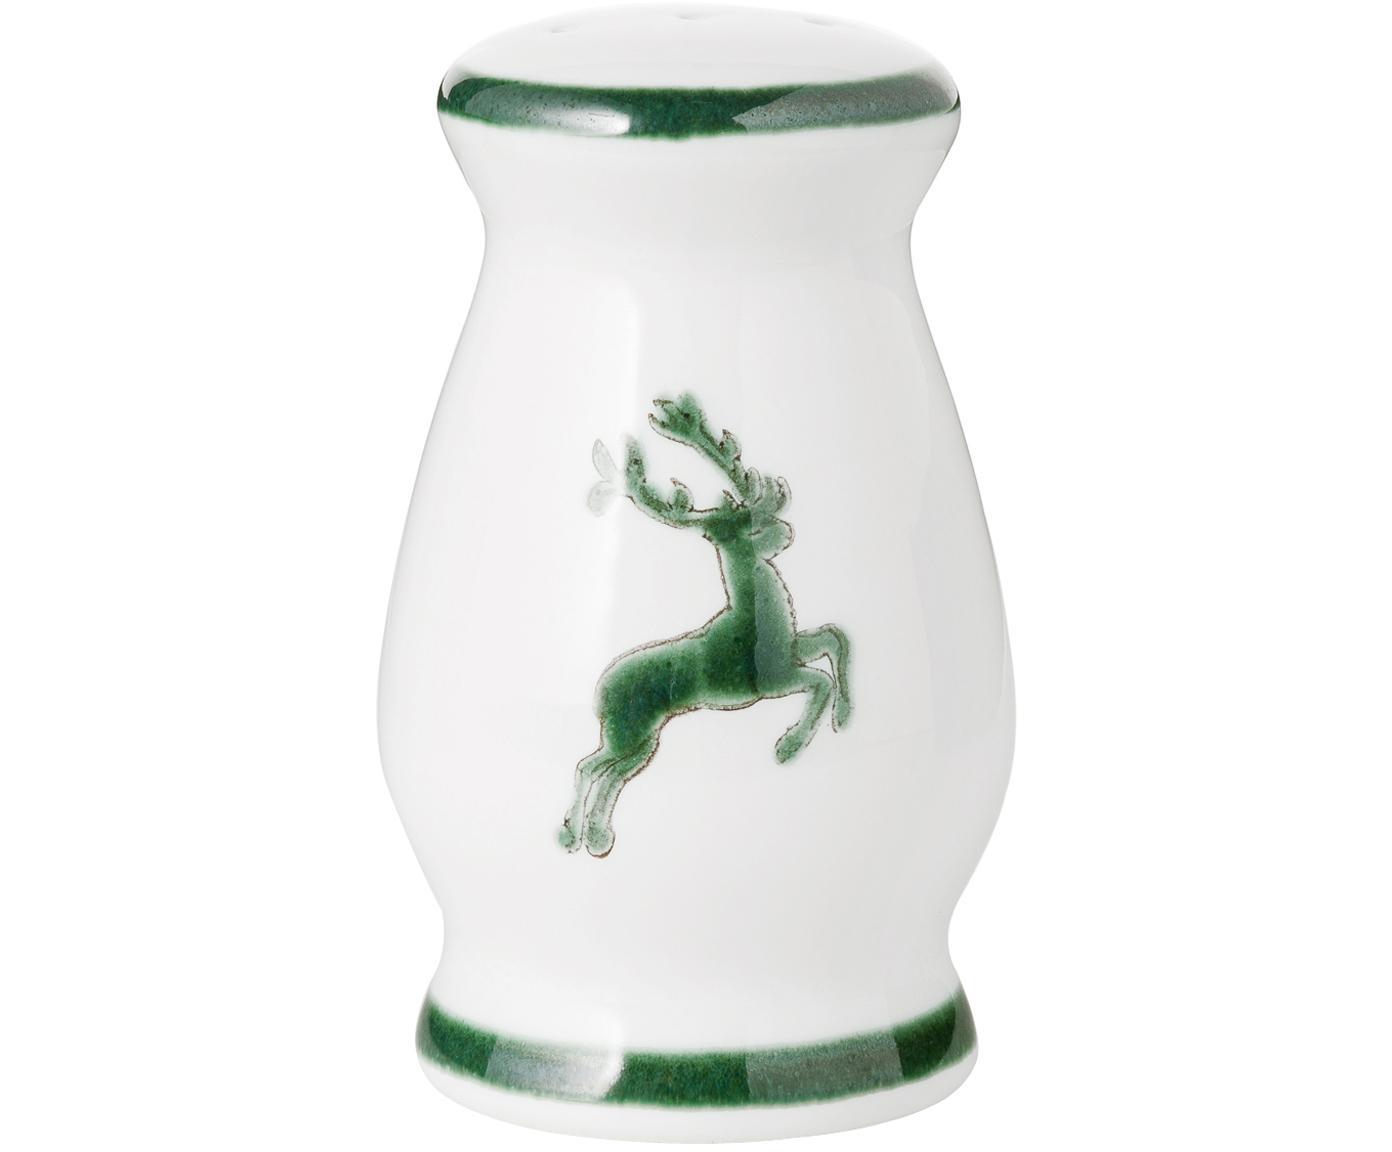 Ręcznie malowana pieprzniczka Gourmet Grüner Hirsch, Ceramika, Zielony, biały, 4 x 6 cm